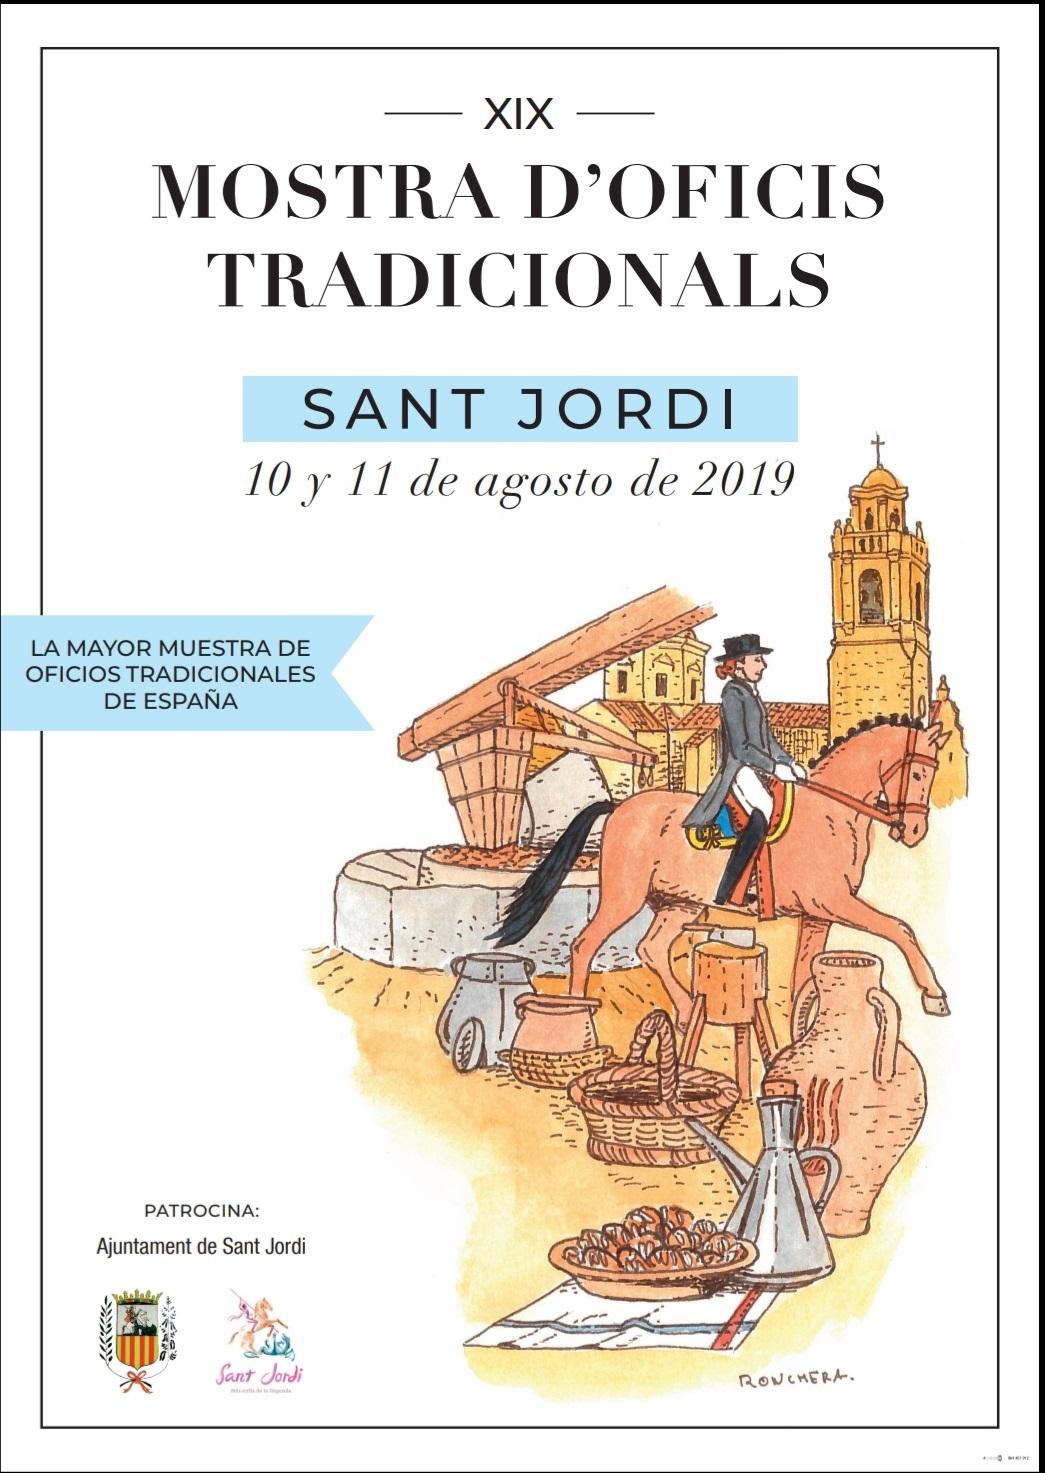 Sant Jordi celebrarà a partir de demà la 19a edició de la Mostra d'Oficis Tradicionals